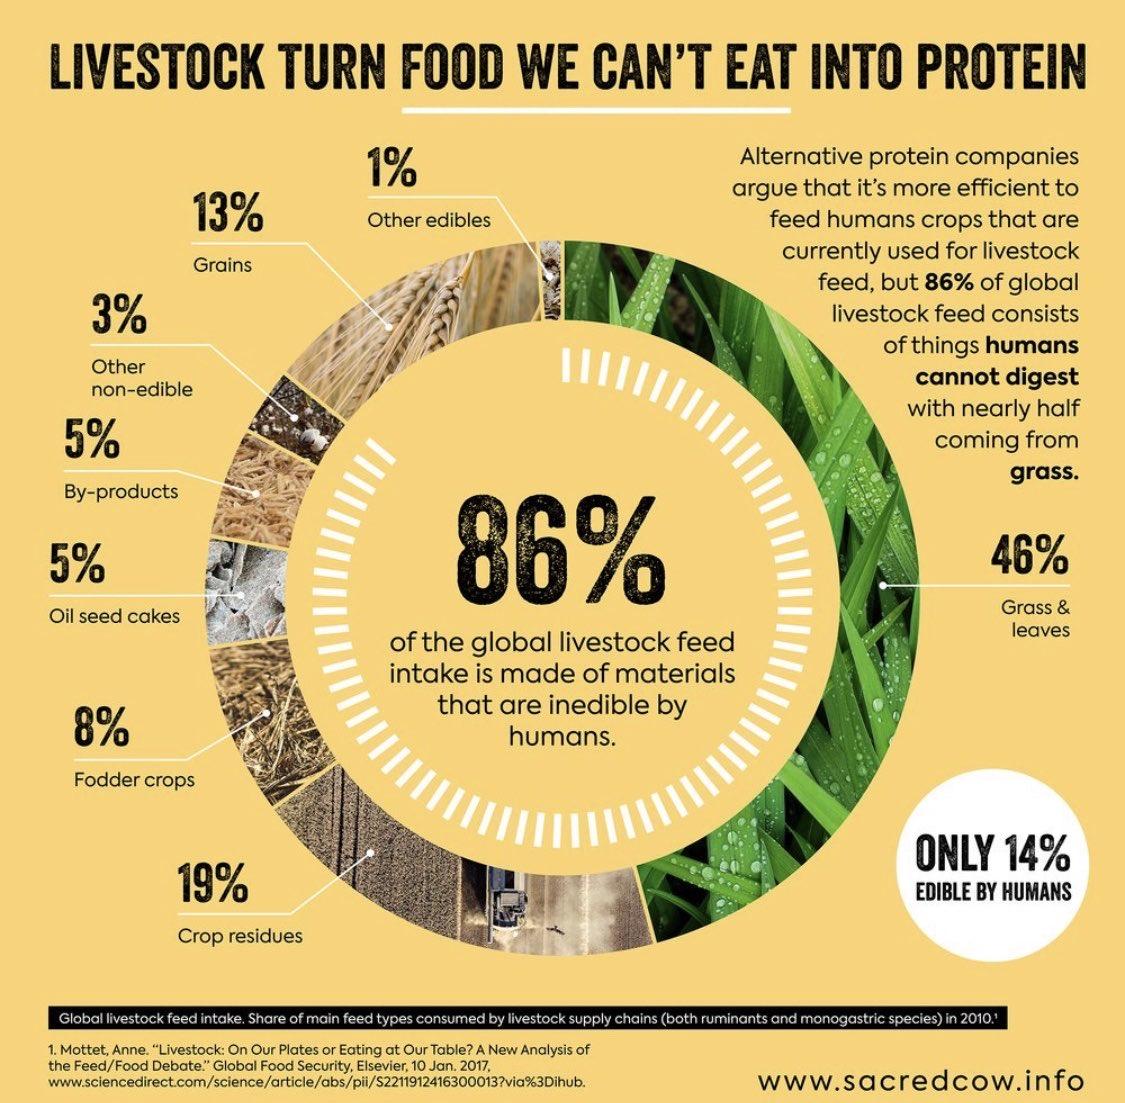 「家畜のエサのせいで食料危機が起こる」説は事実誤認。世界の家畜のエサ60億トンの内、実に86%は人が食...